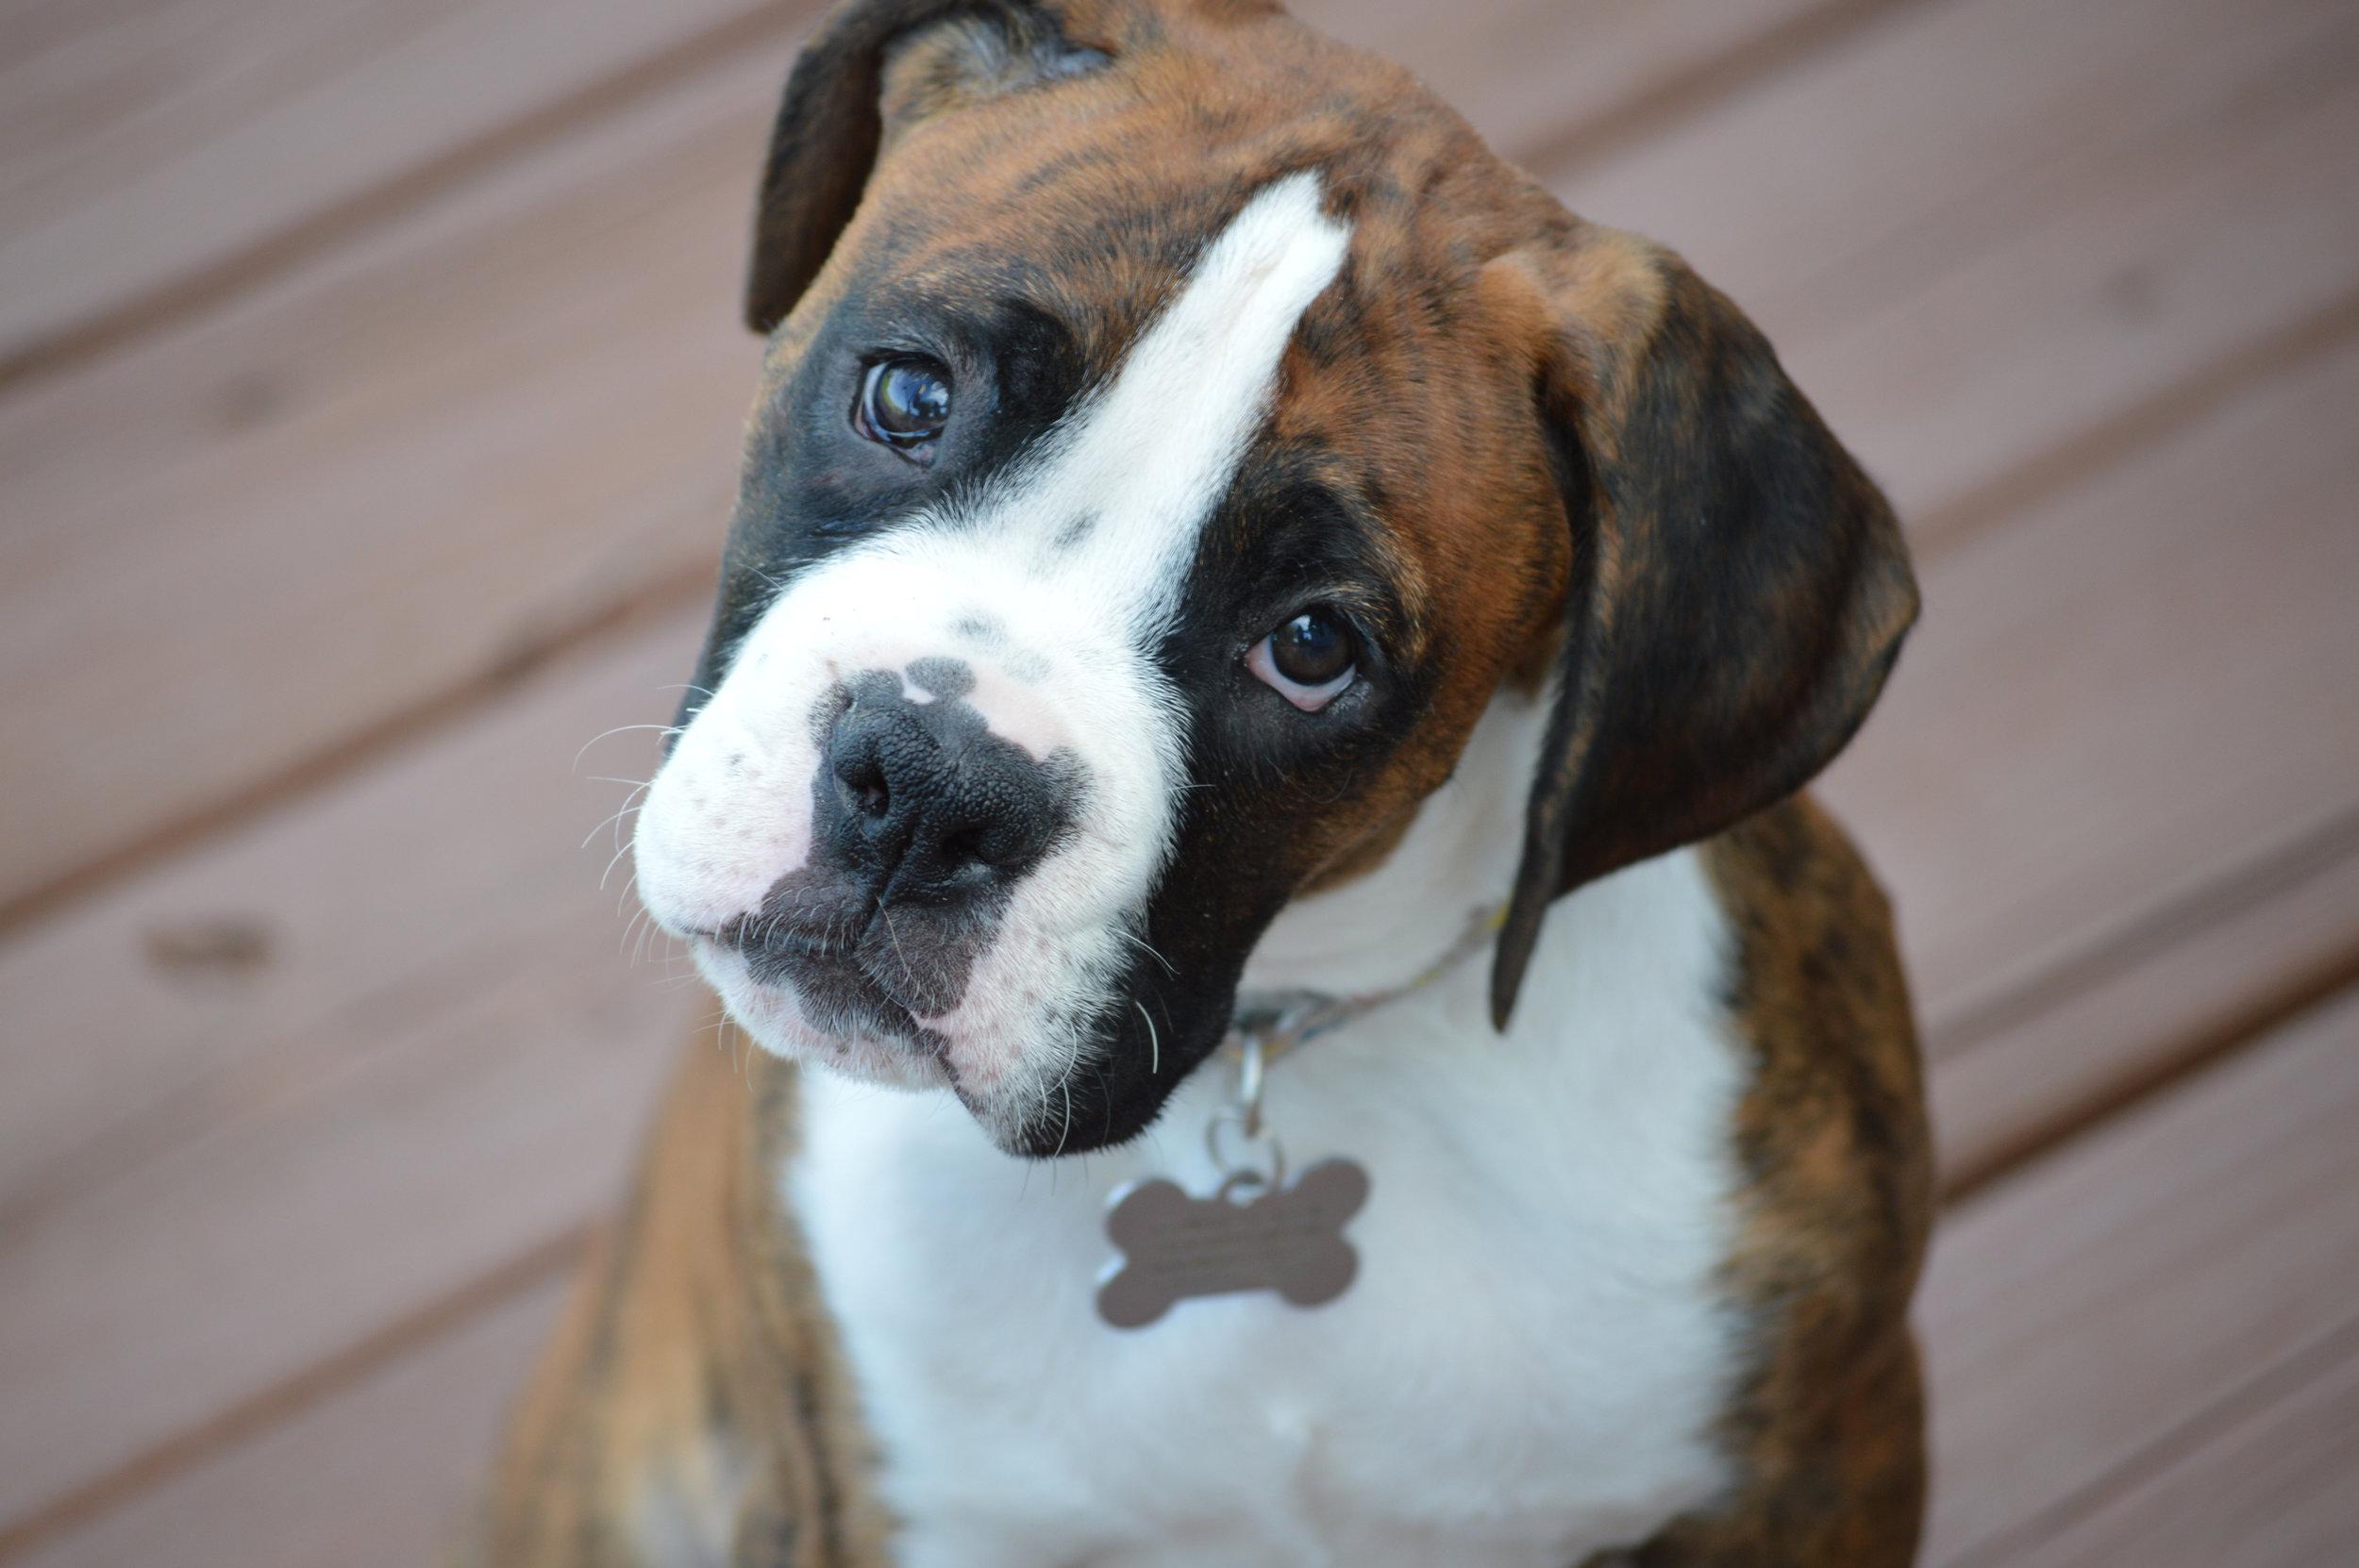 © iStock: Wenn man als Hundebesitzer die  Körpersprache  seines Vierbeiners falsch interpretiert, kann die Situation schnell gefährlich werden. Aber was bedeuten die Signale wirklich?